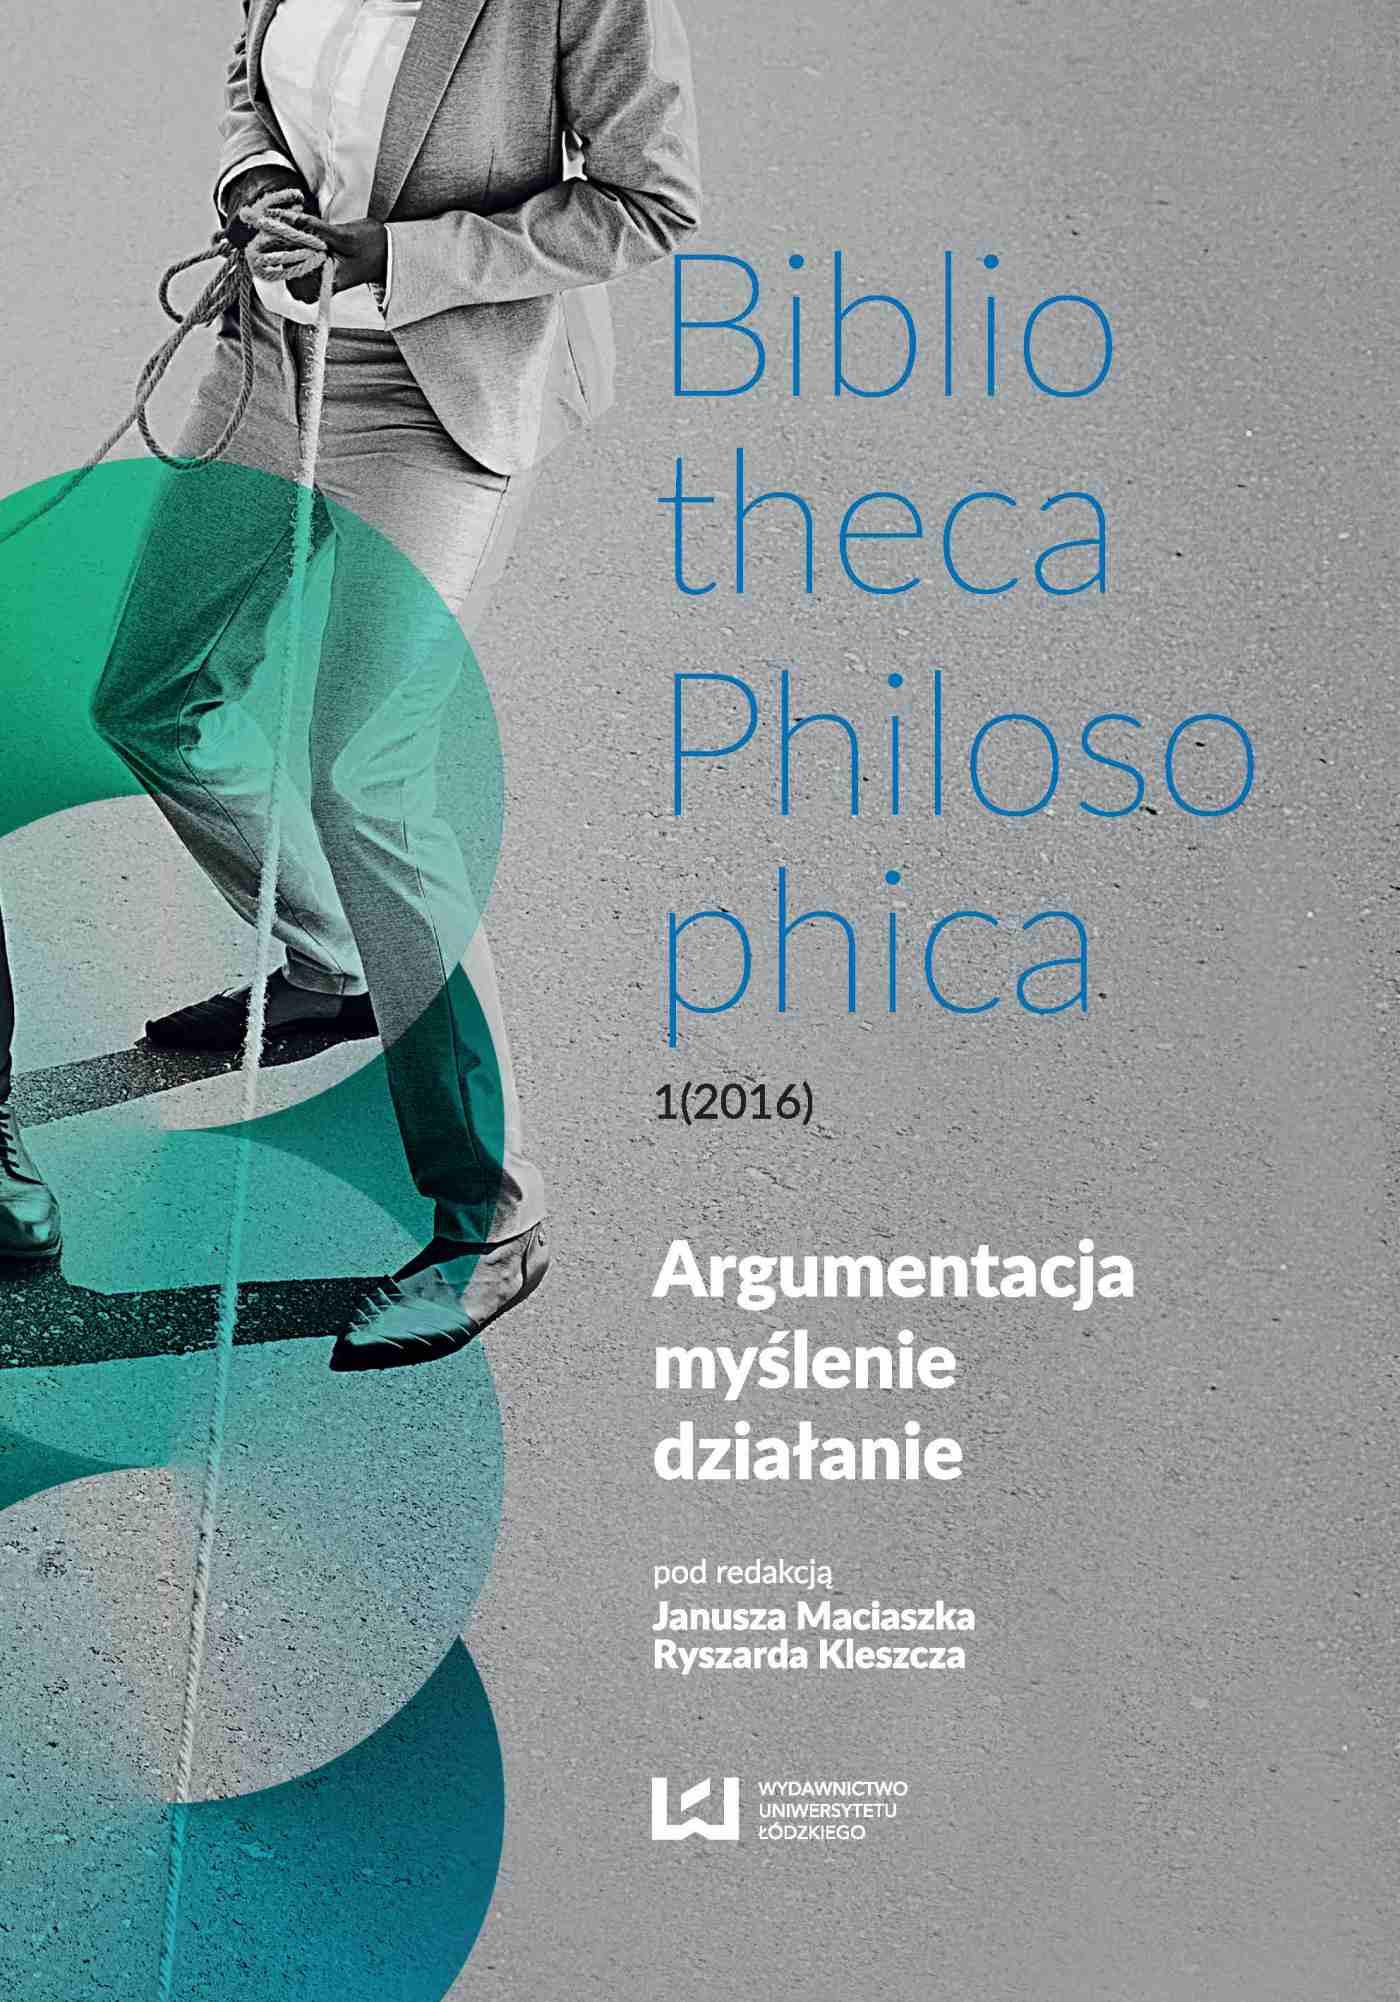 Argumentacja, myślenie, działanie. Bibliotheca Philosophica 1(2016) - Ebook (Książka PDF) do pobrania w formacie PDF